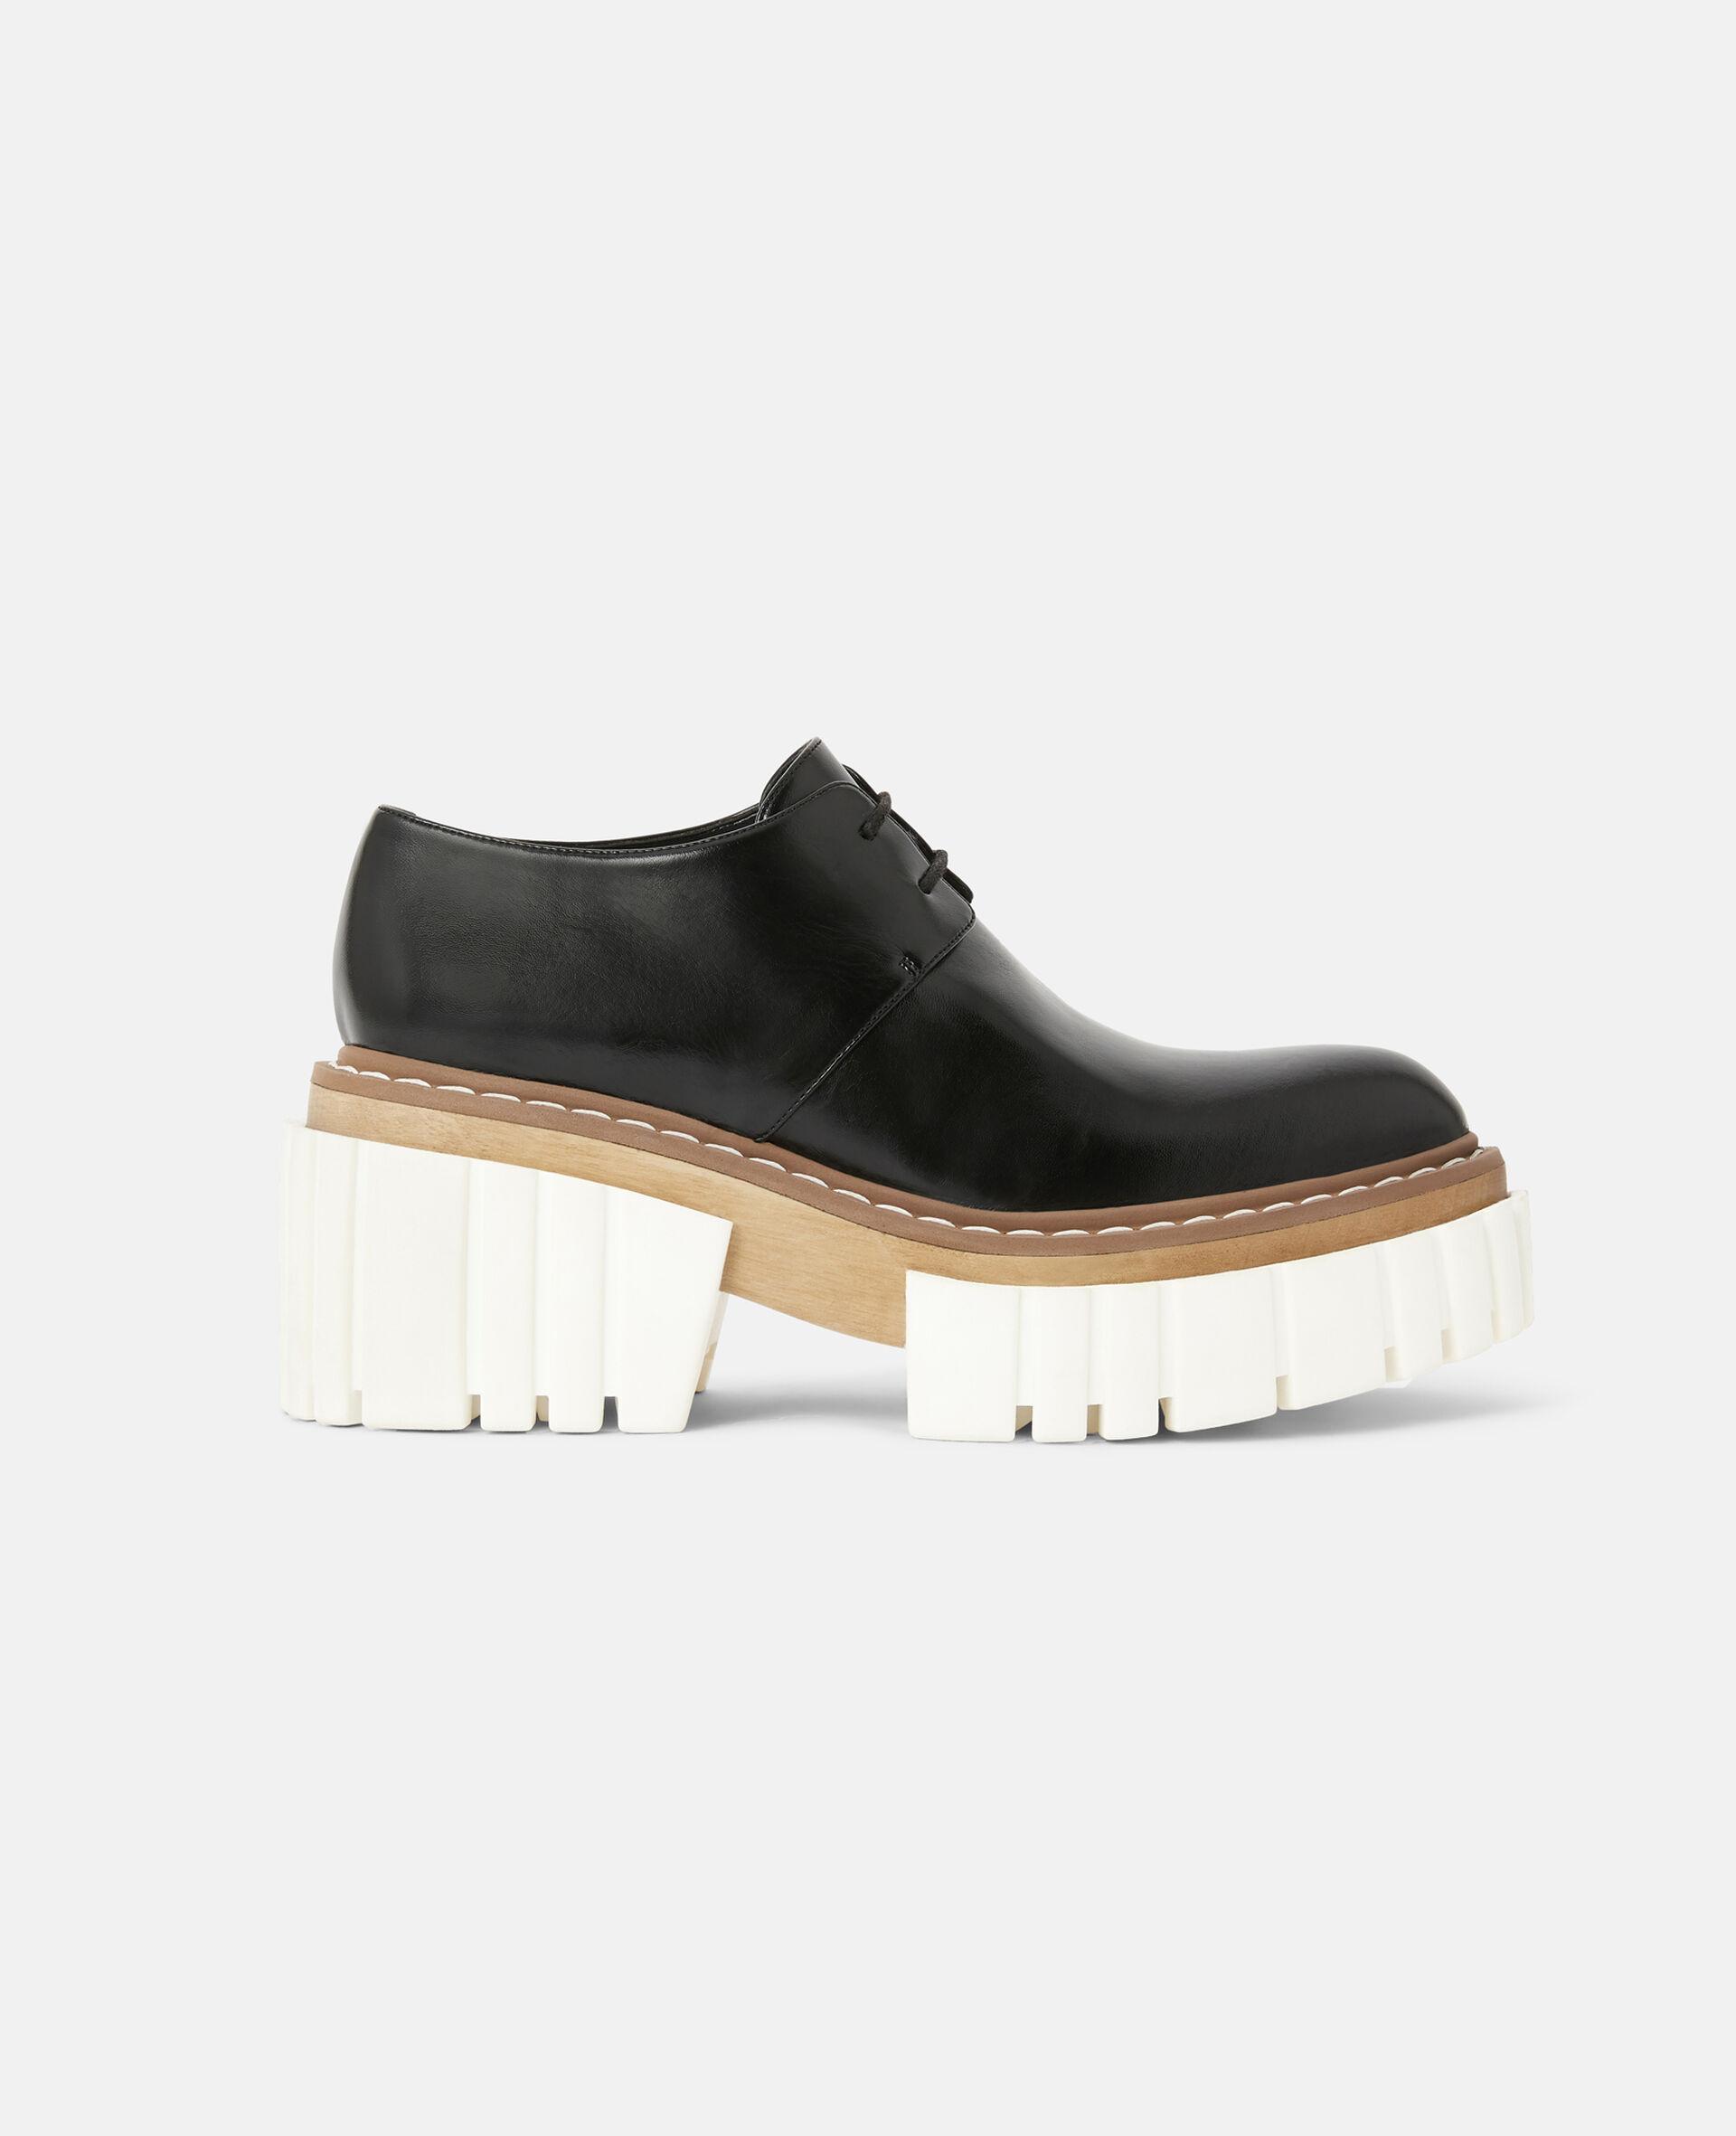 Emilie Lace-Up Shoes-Black-large image number 0